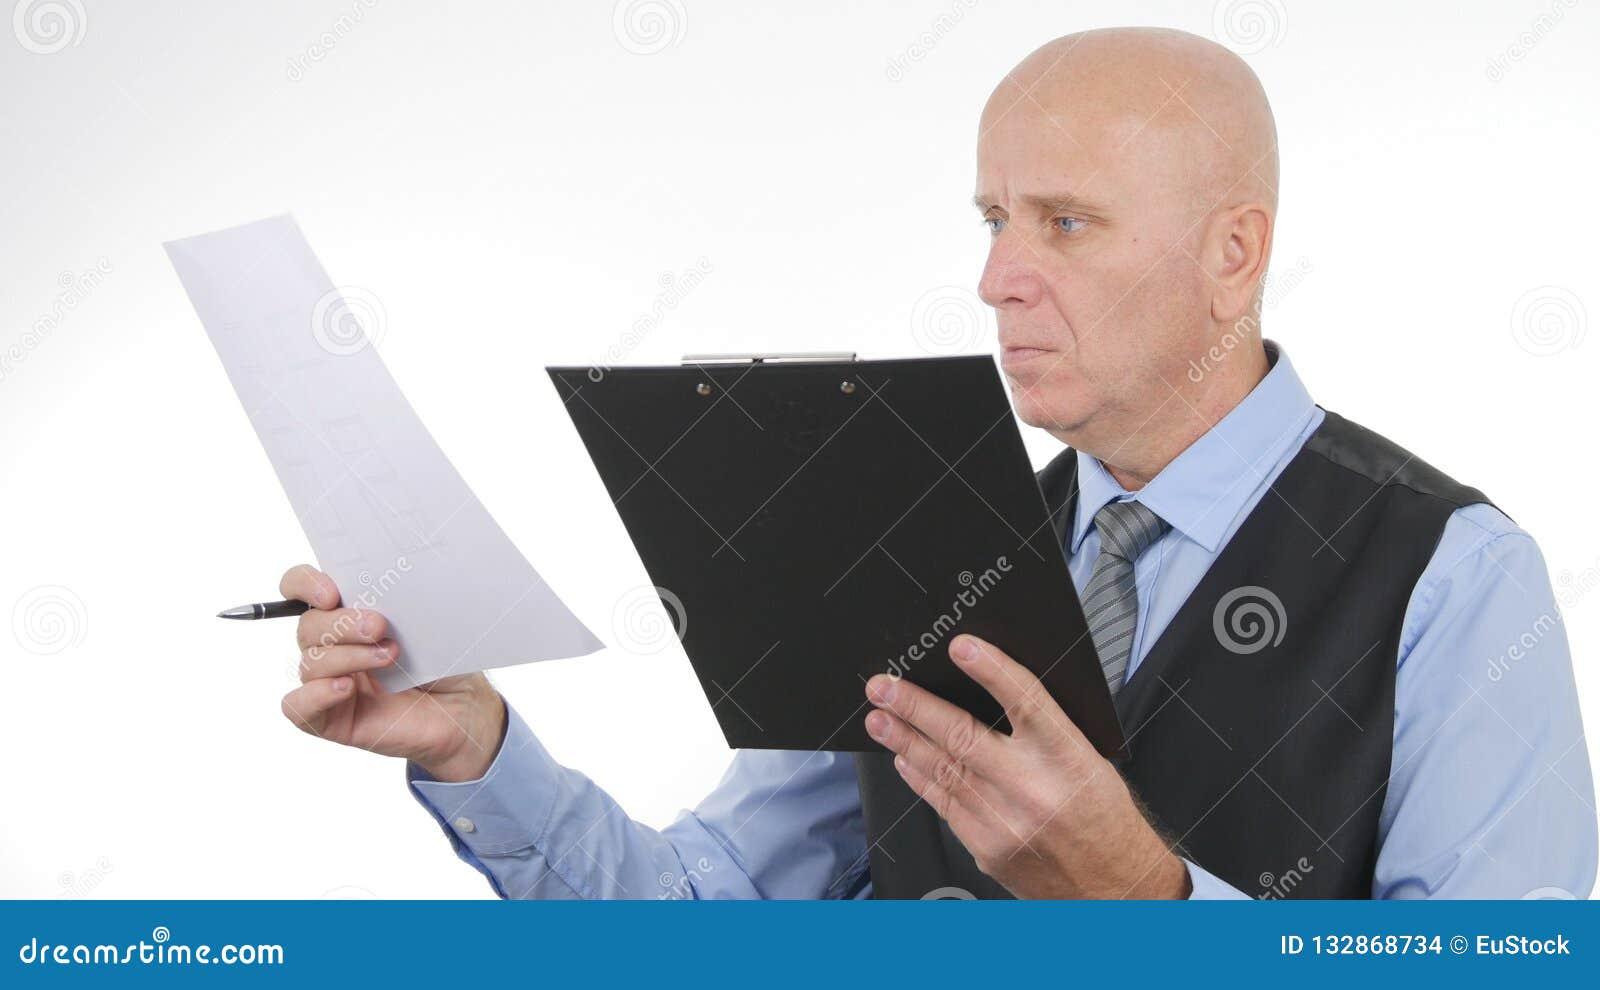 Documentos e contratos de Image Verify Financial do homem de negócios